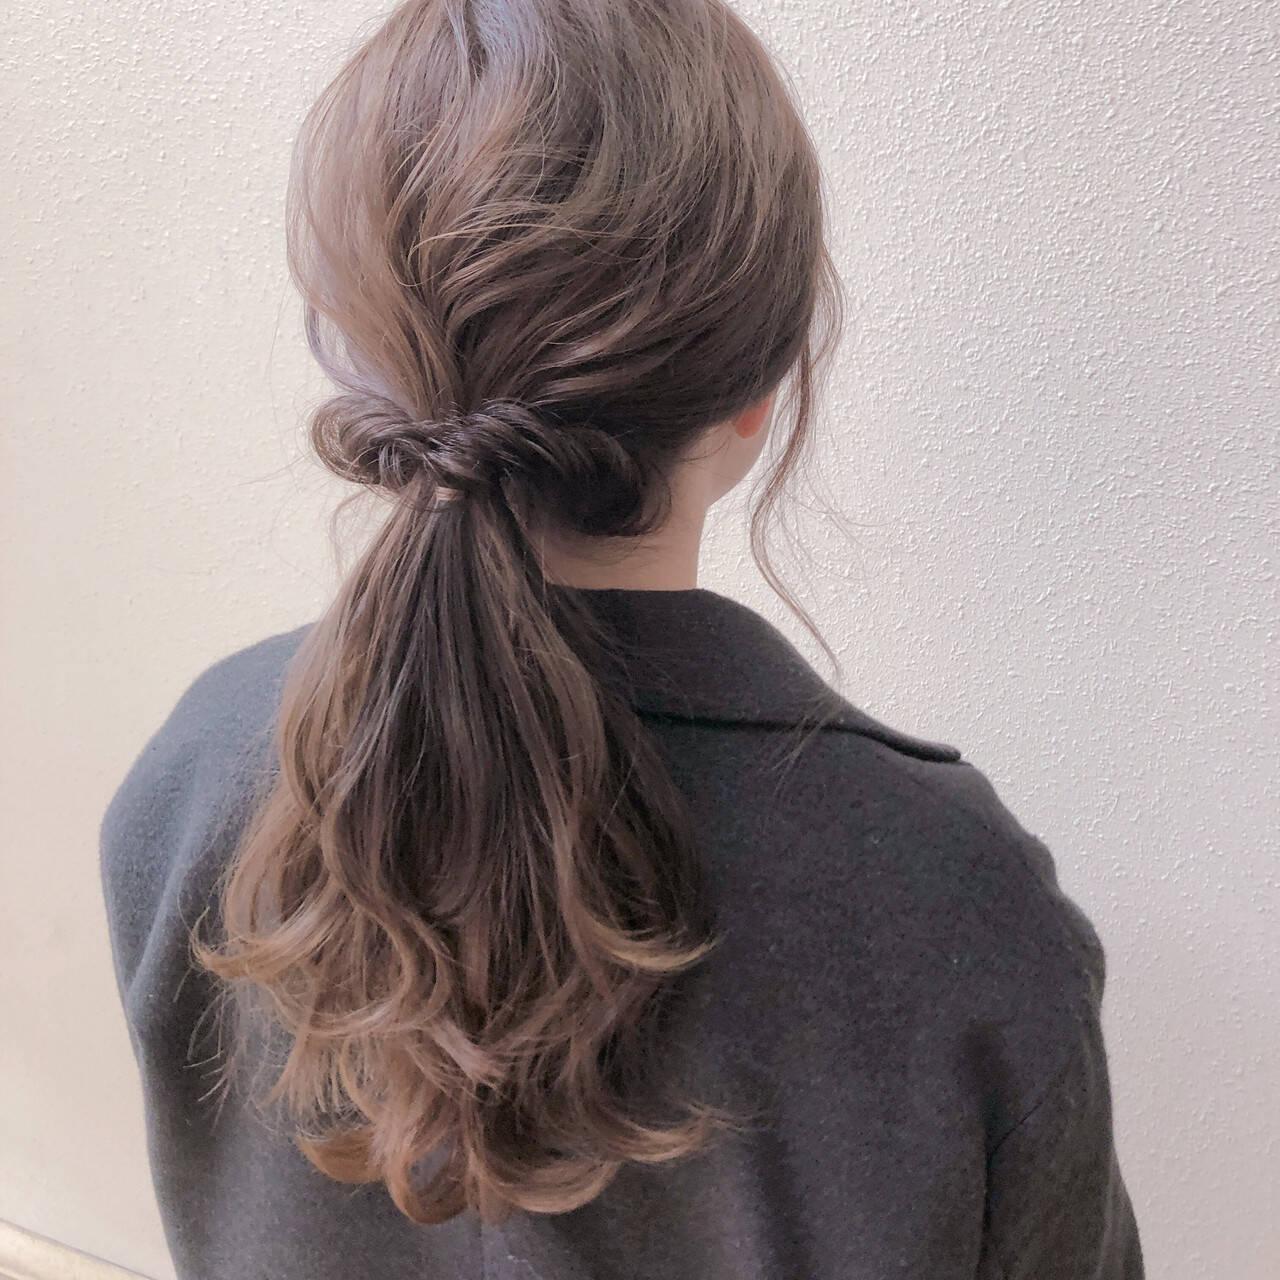 ヘアセット 簡単ヘアアレンジ セルフヘアアレンジ ナチュラルヘアスタイルや髪型の写真・画像